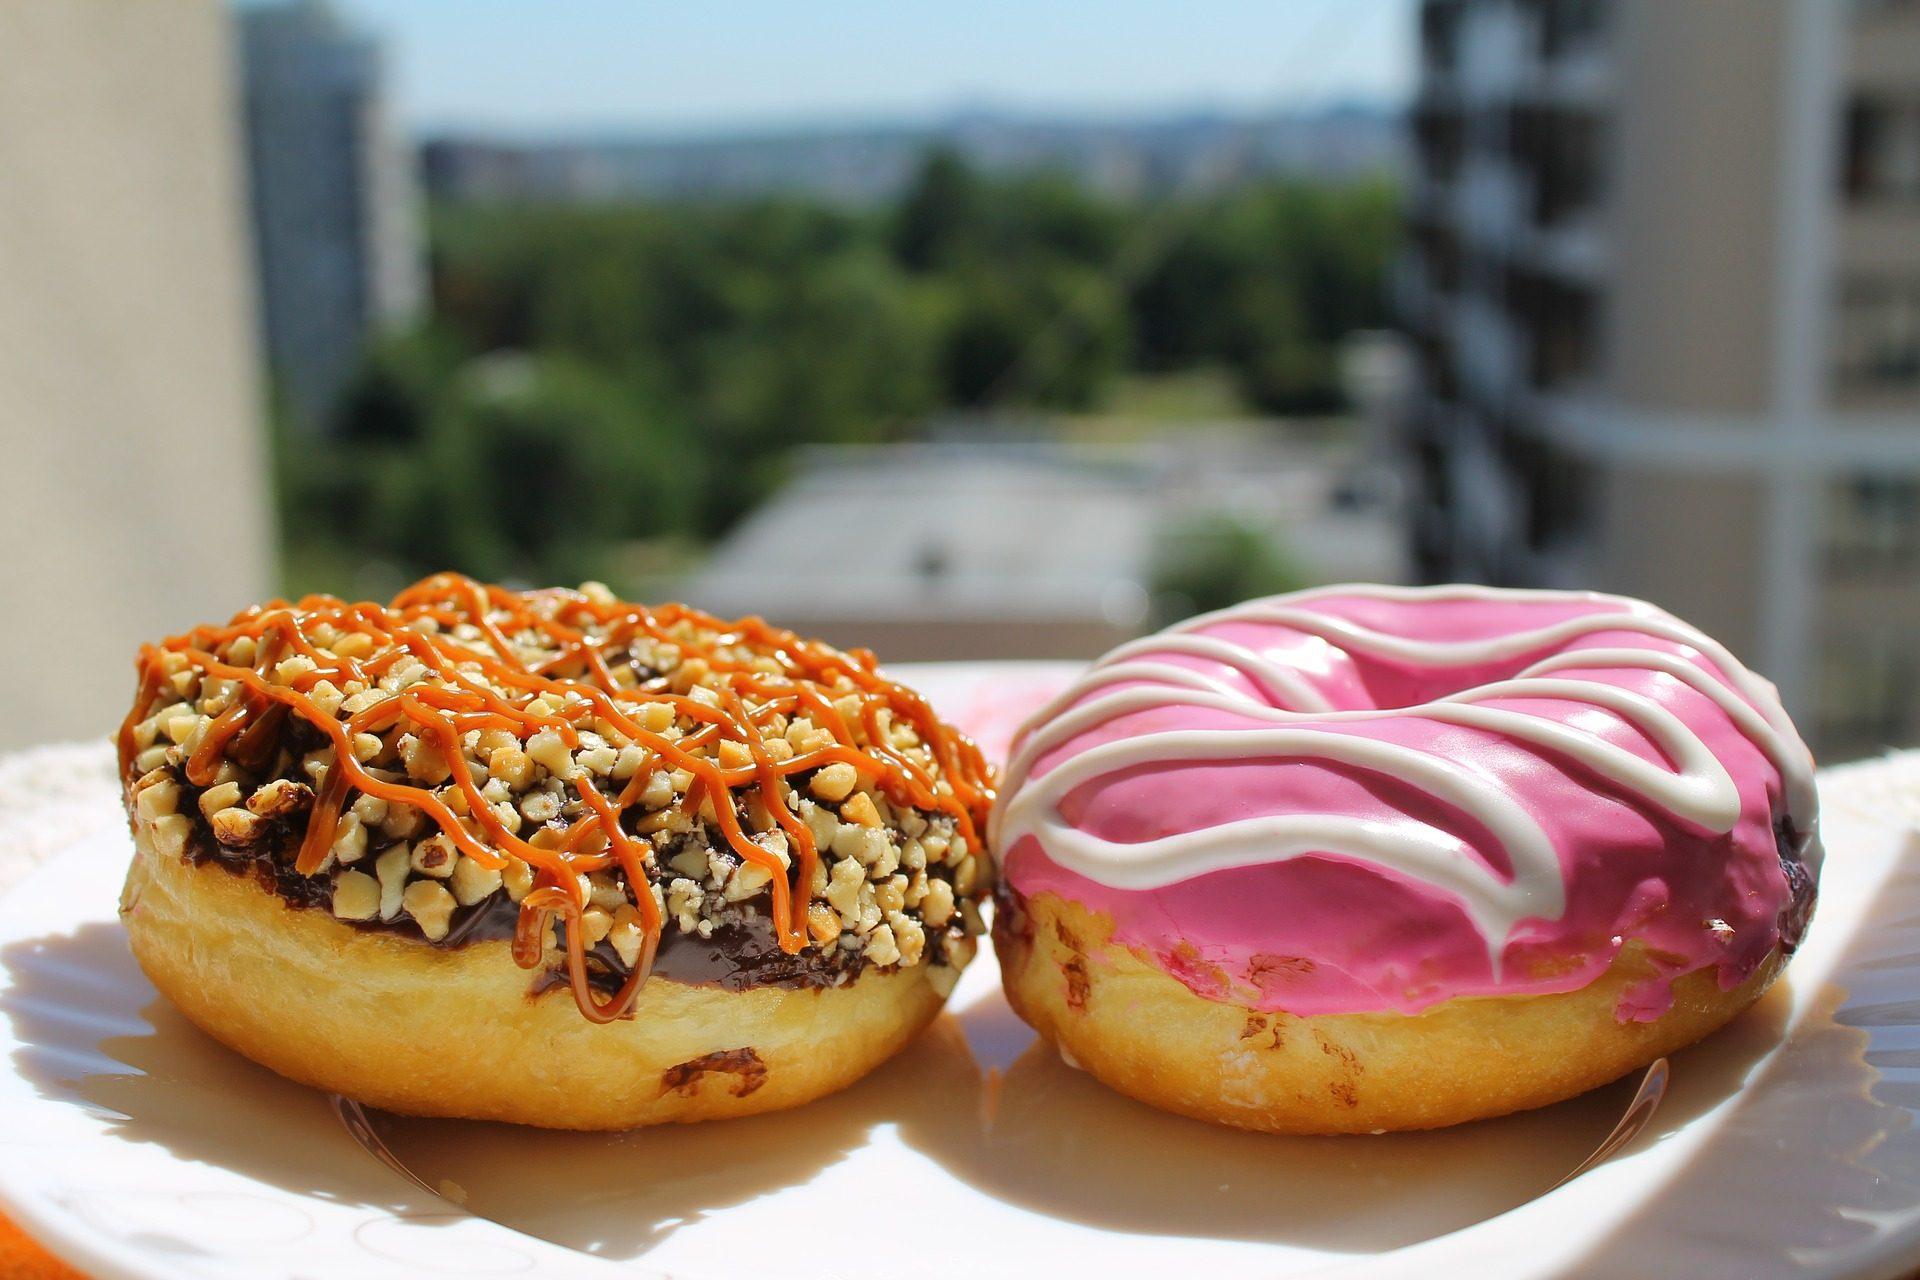 Пончики, пончики, сладкий, глазурь, пирожные - Обои HD - Профессор falken.com